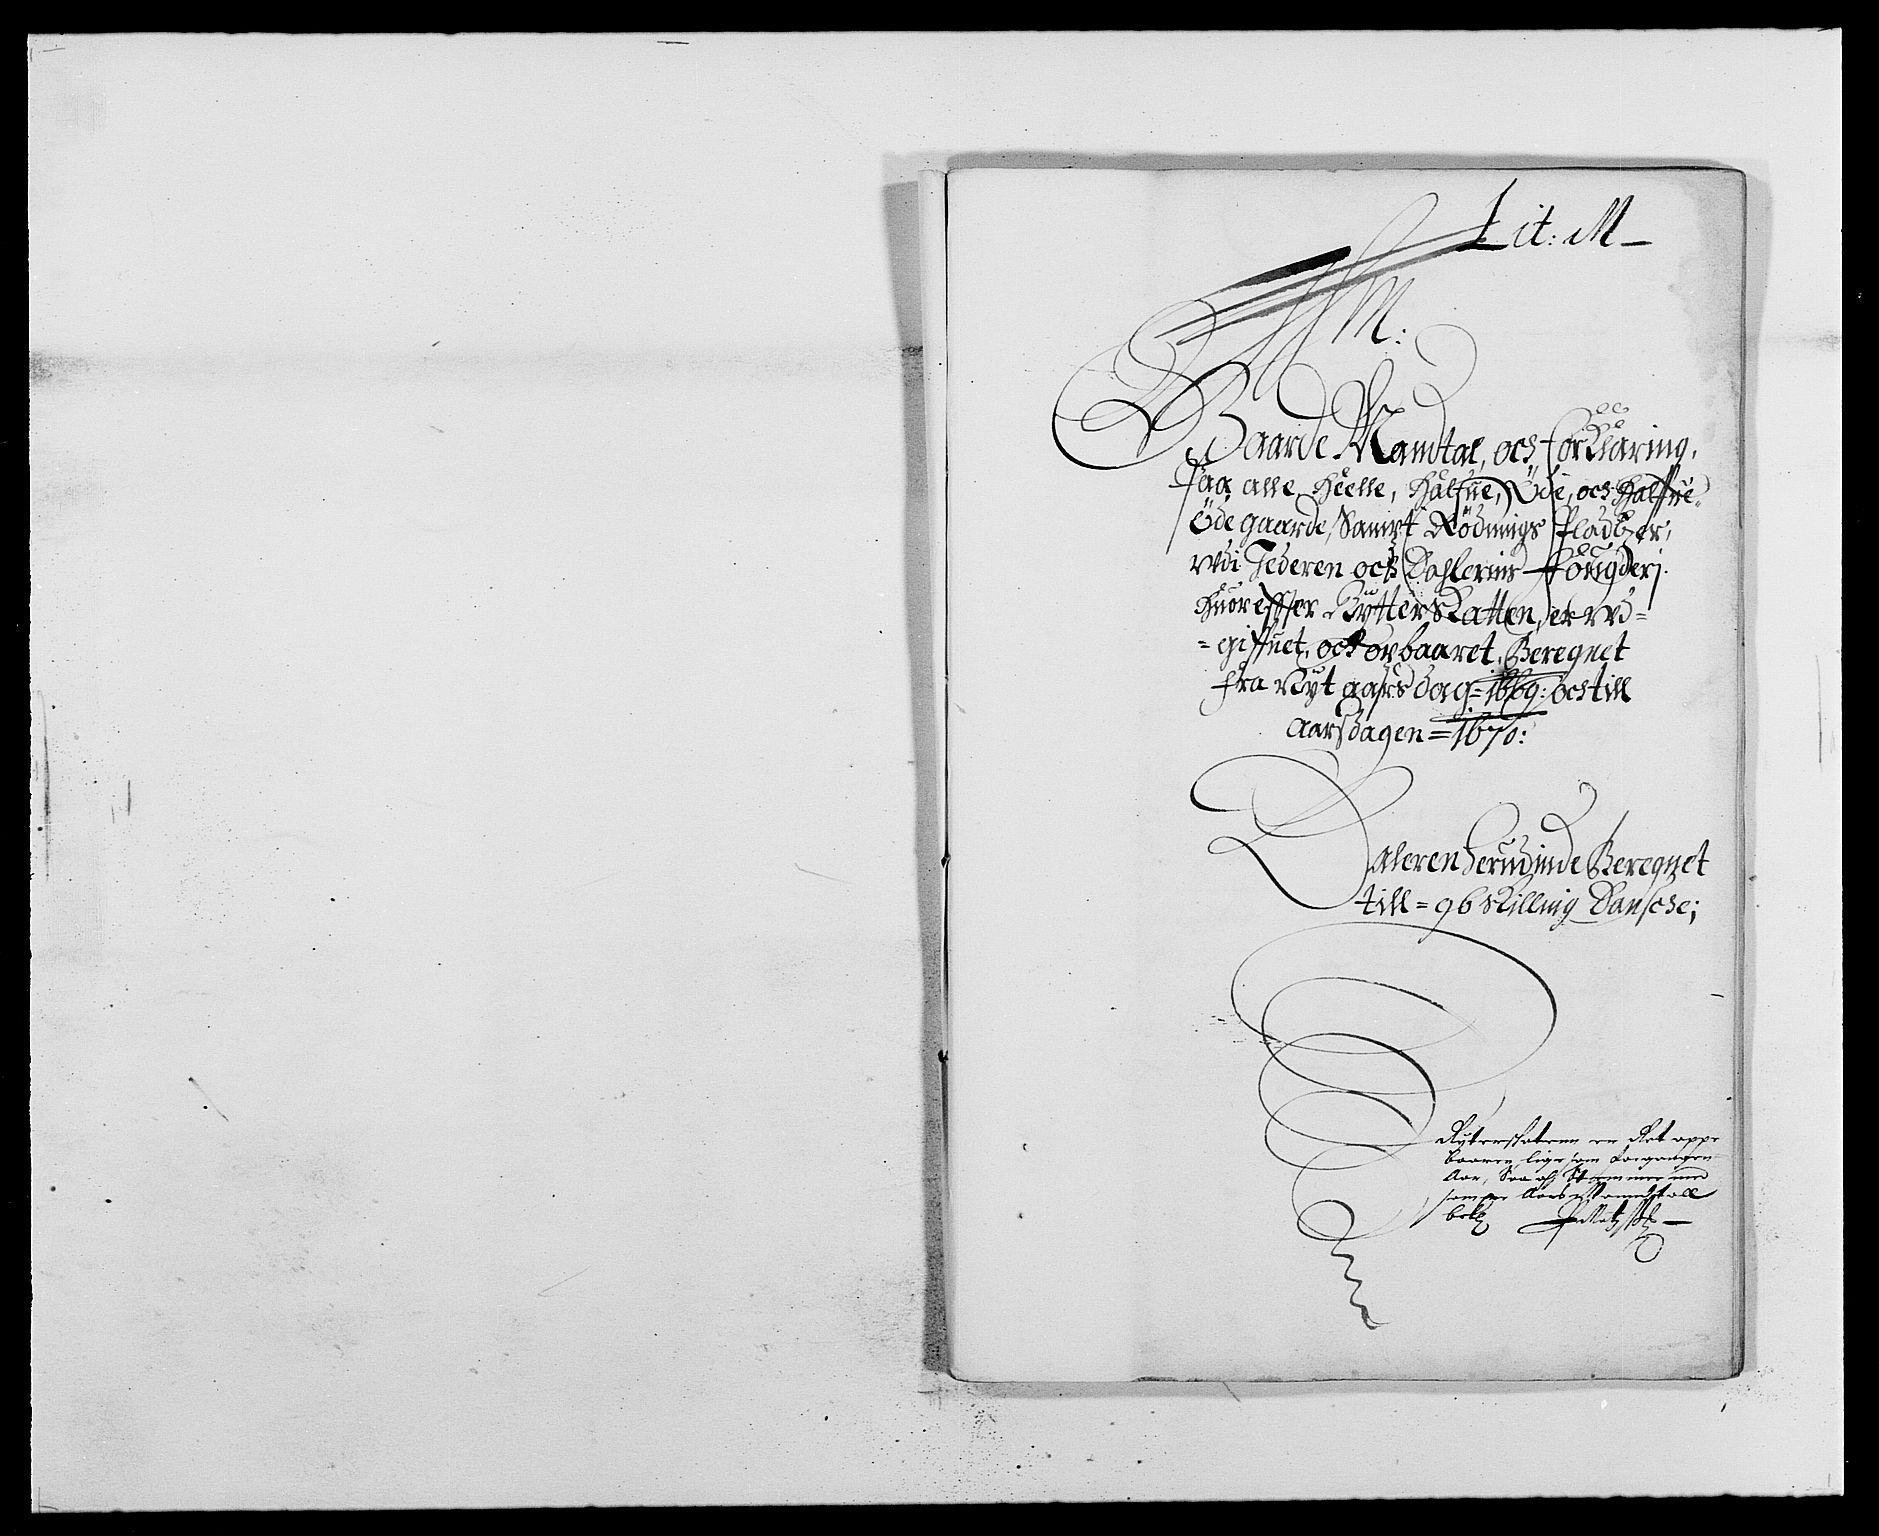 RA, Rentekammeret inntil 1814, Reviderte regnskaper, Fogderegnskap, R46/L2711: Fogderegnskap Jæren og Dalane, 1668-1670, s. 281